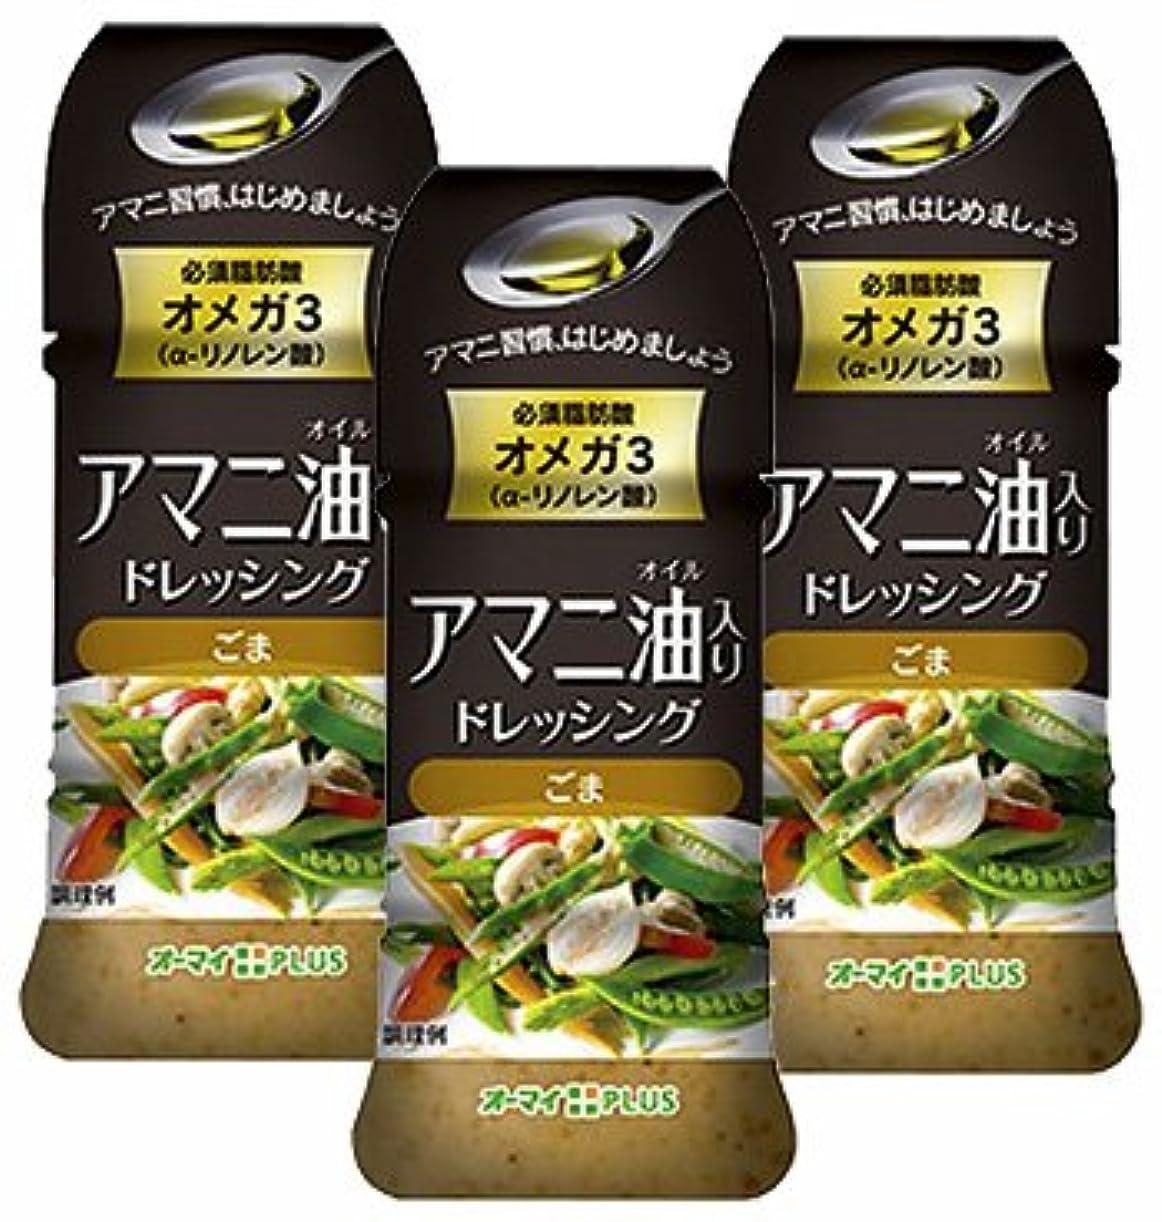 成り立つ降雨暴力的なアマニ油ドレッシング ごま【3本セット】日本製粉